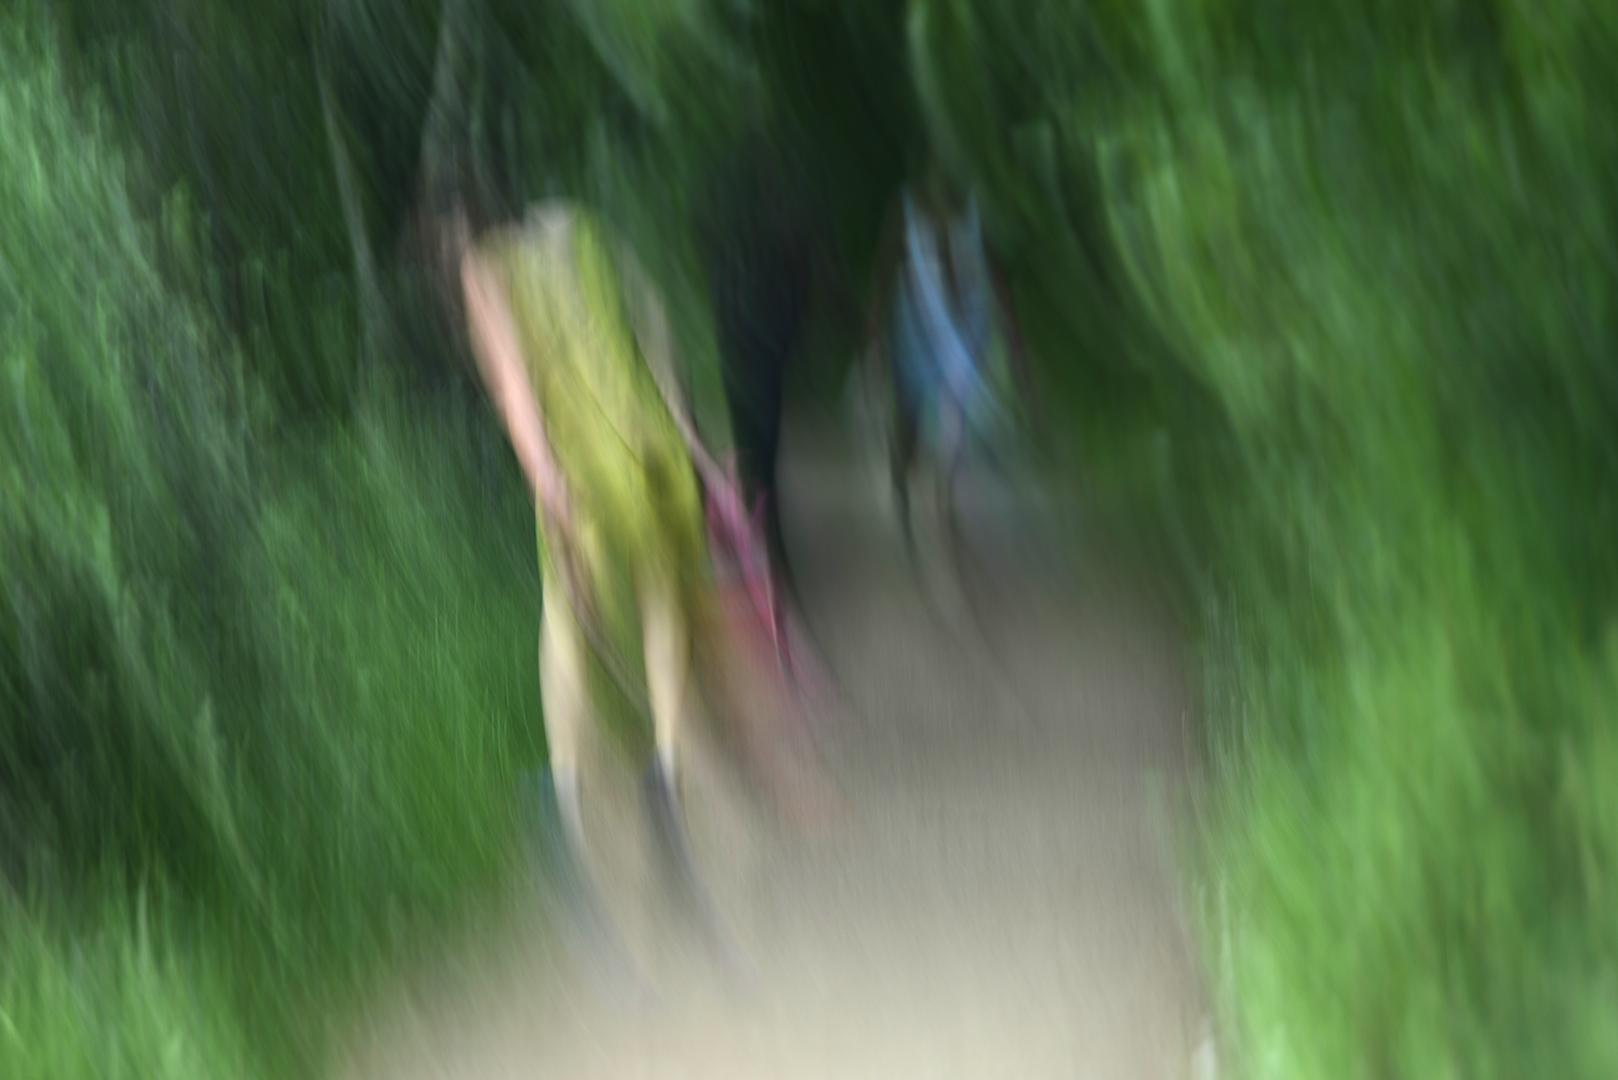 Les promeneurs #3